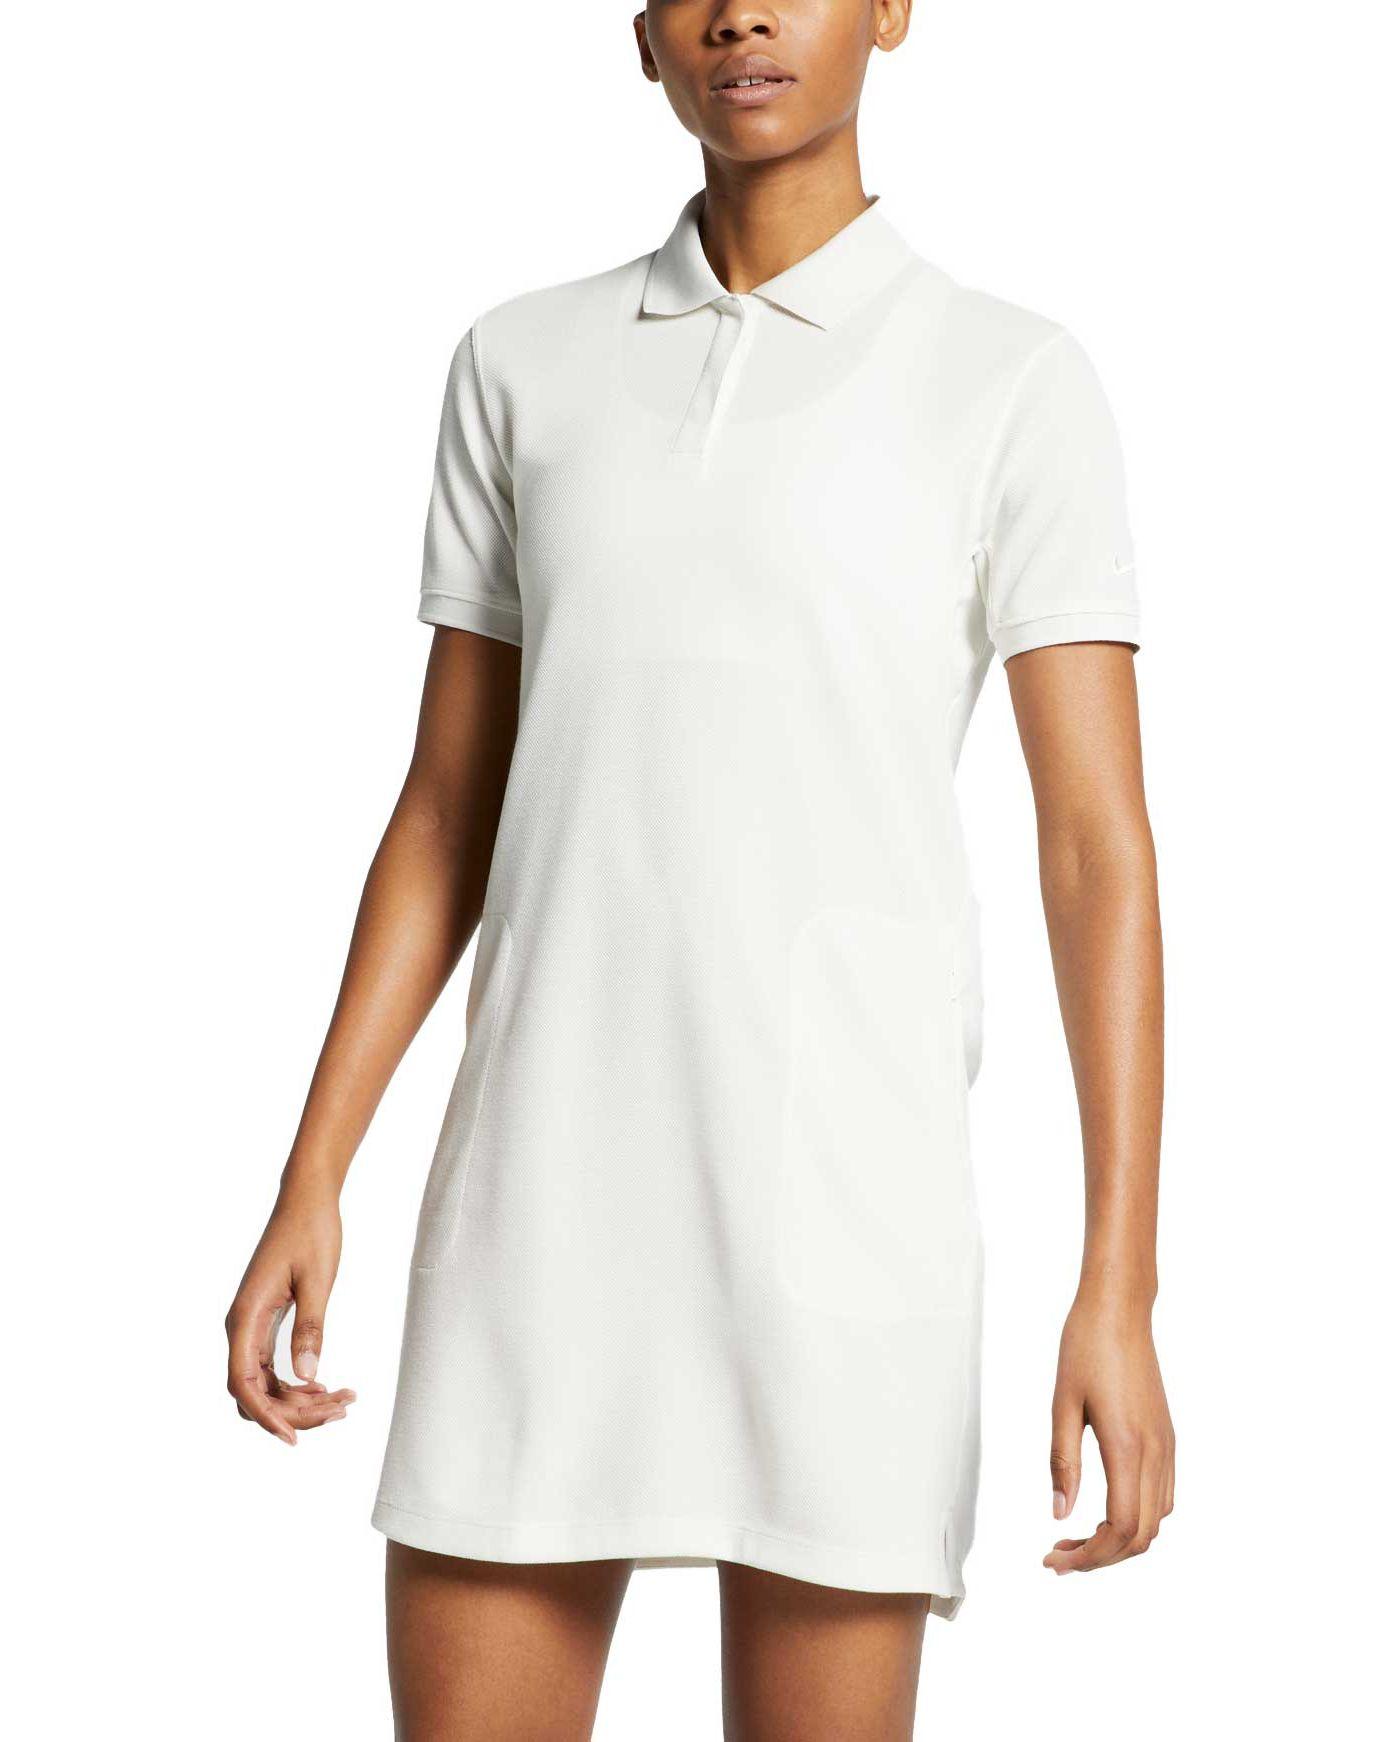 Nike Women's Dri-FIT Golf Dress